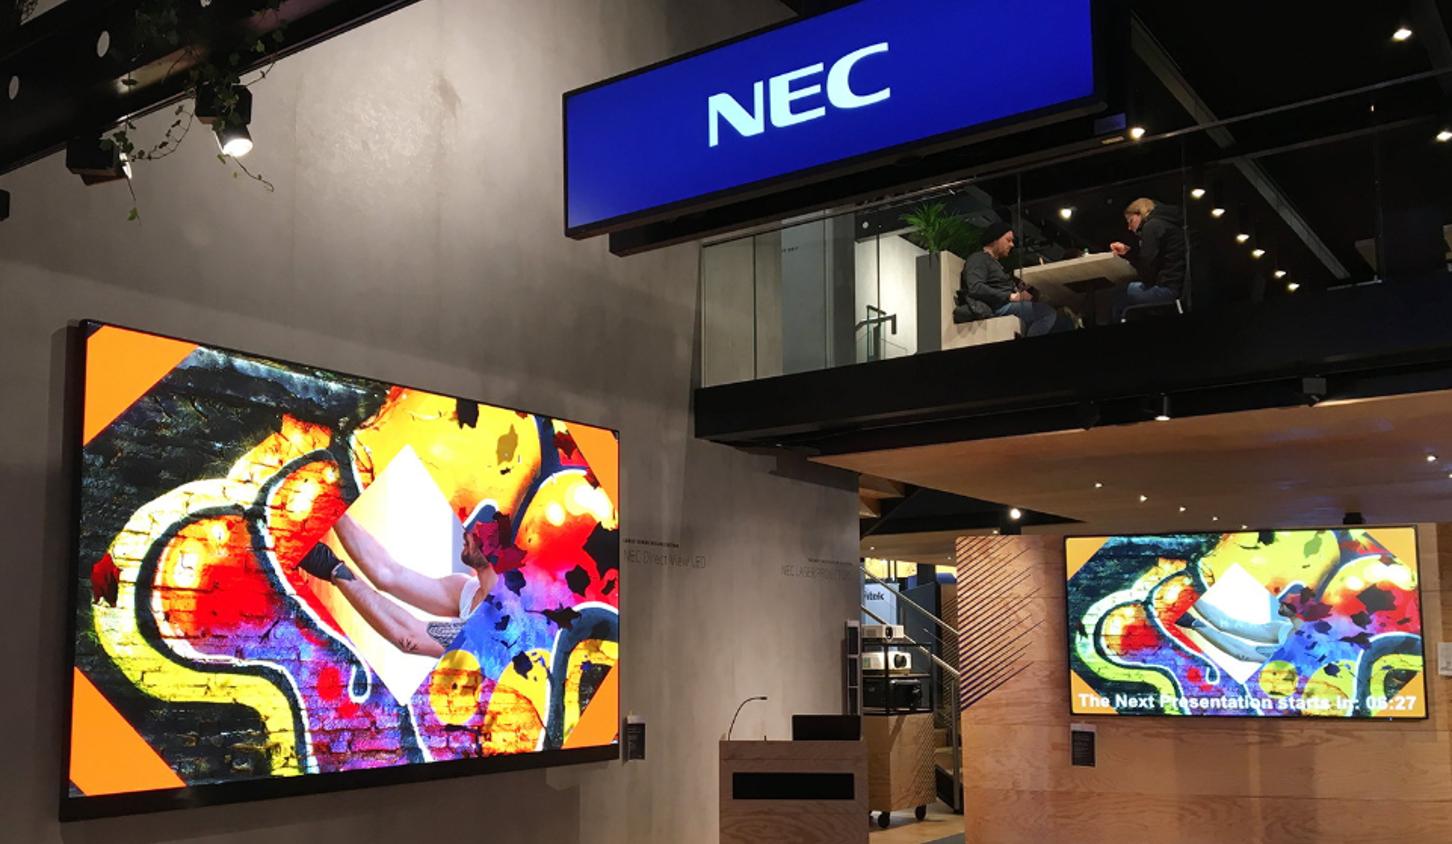 NEC LED